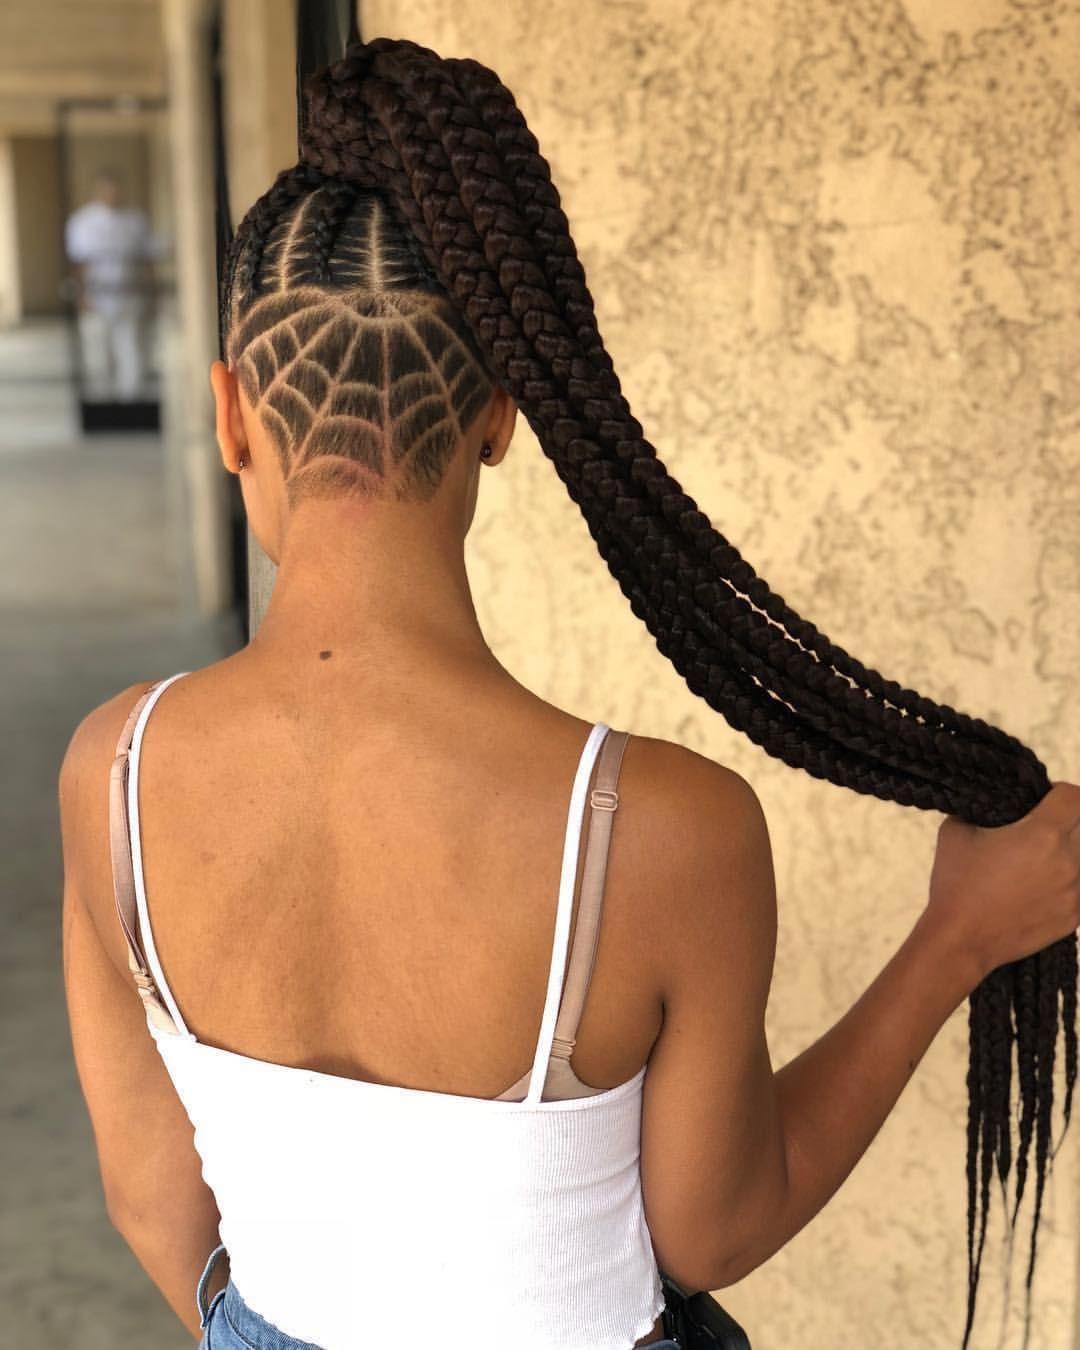 Tresses Collees Avec Rajouts Sur Cheveux Afro Crepus Naturels Cheveux Tresse Africaine Cheveux Court Cheveux Coiffure